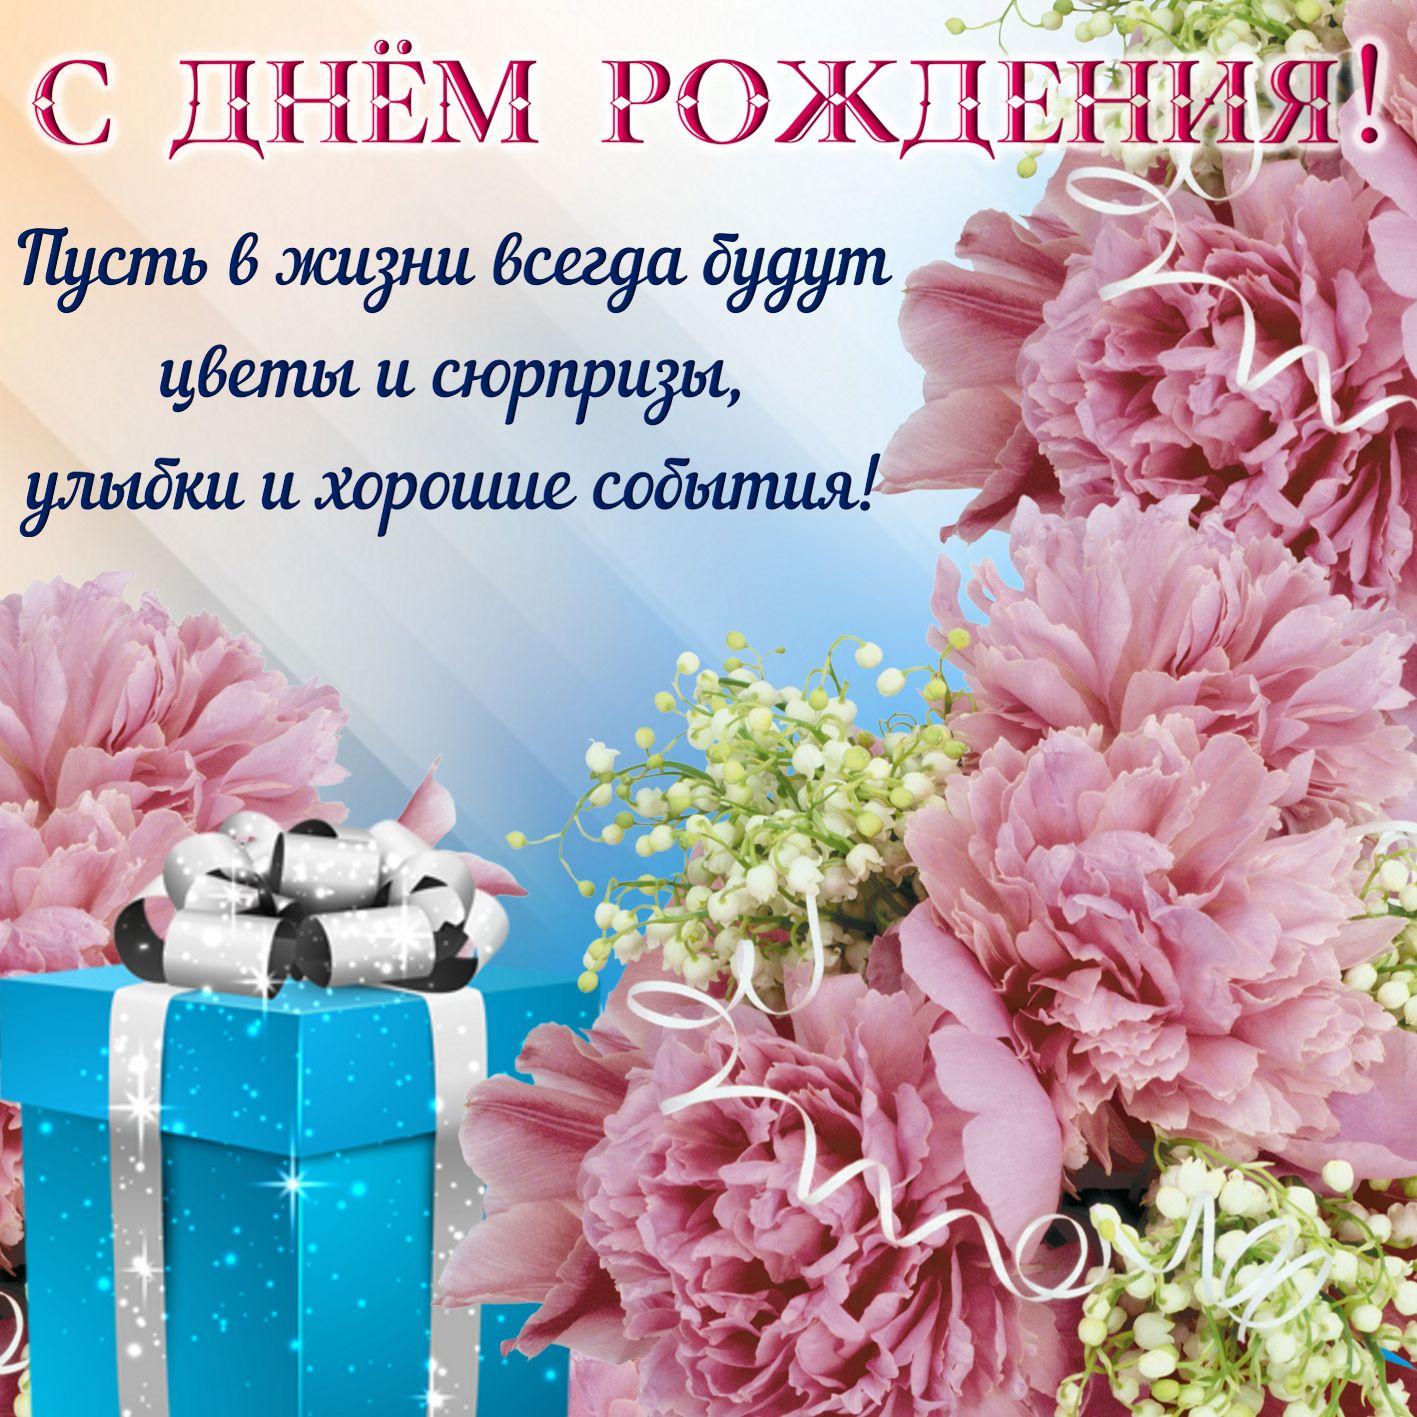 Поздравление с днём рождения женщине сюрприз фото 30